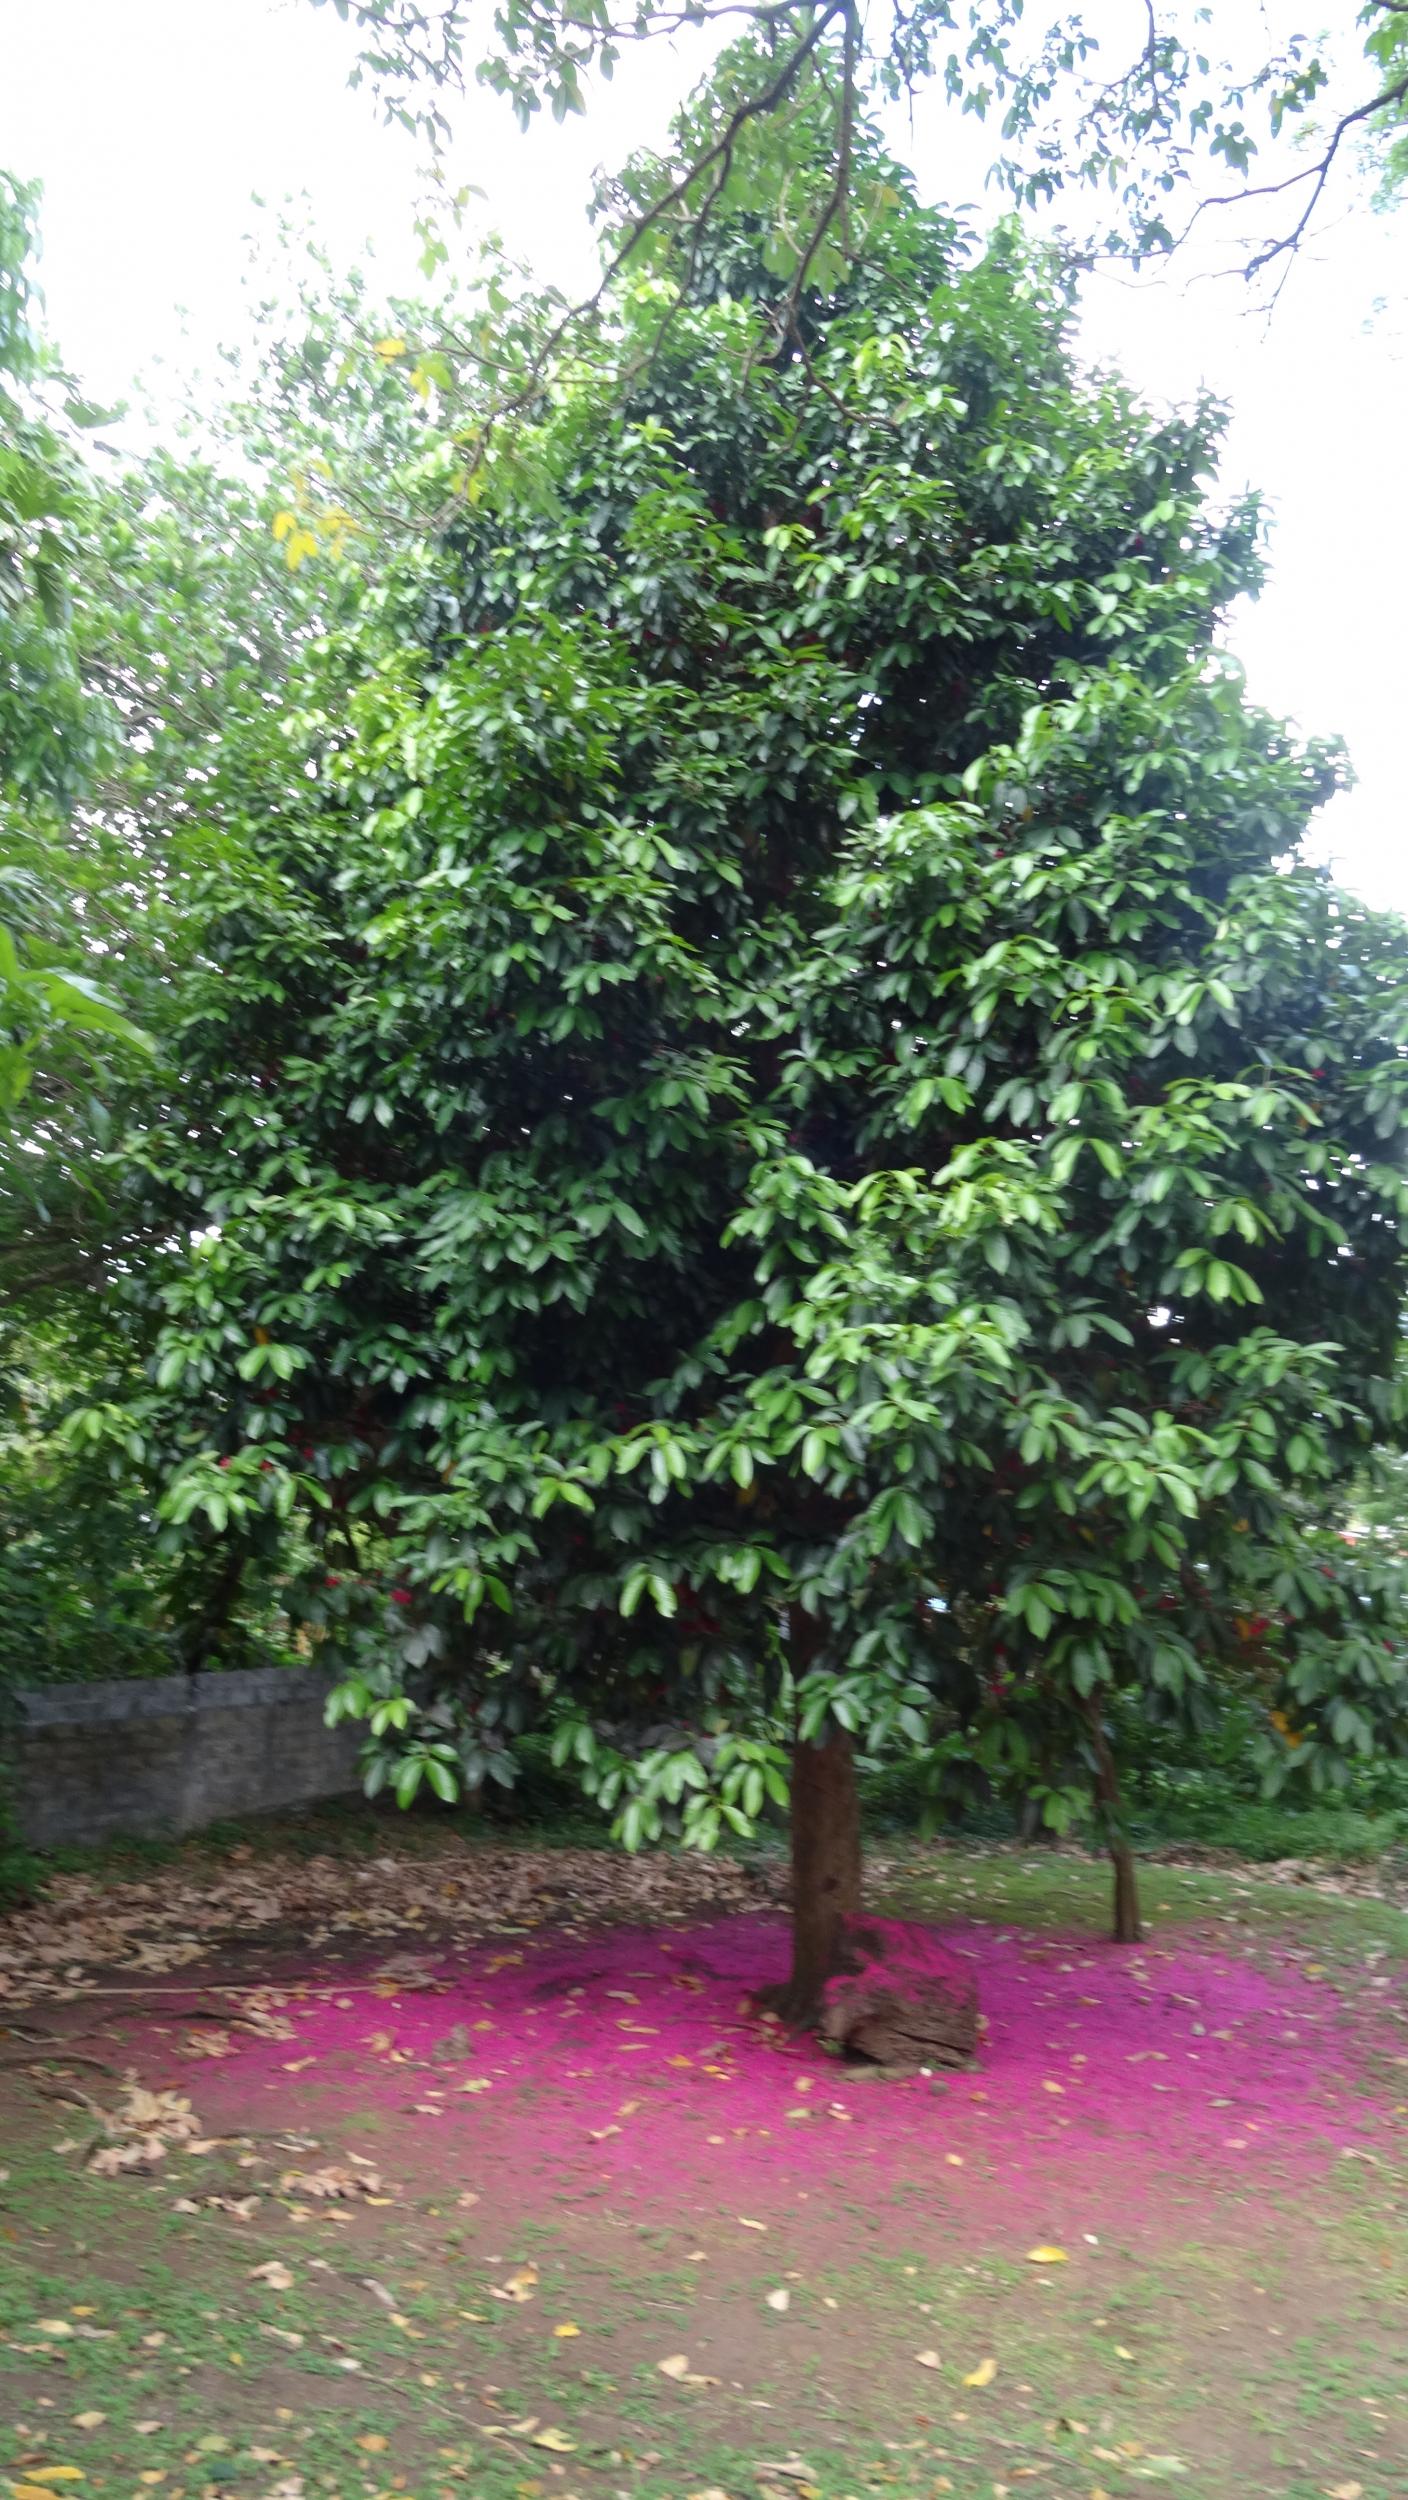 31. Japanese tree, outside appearance